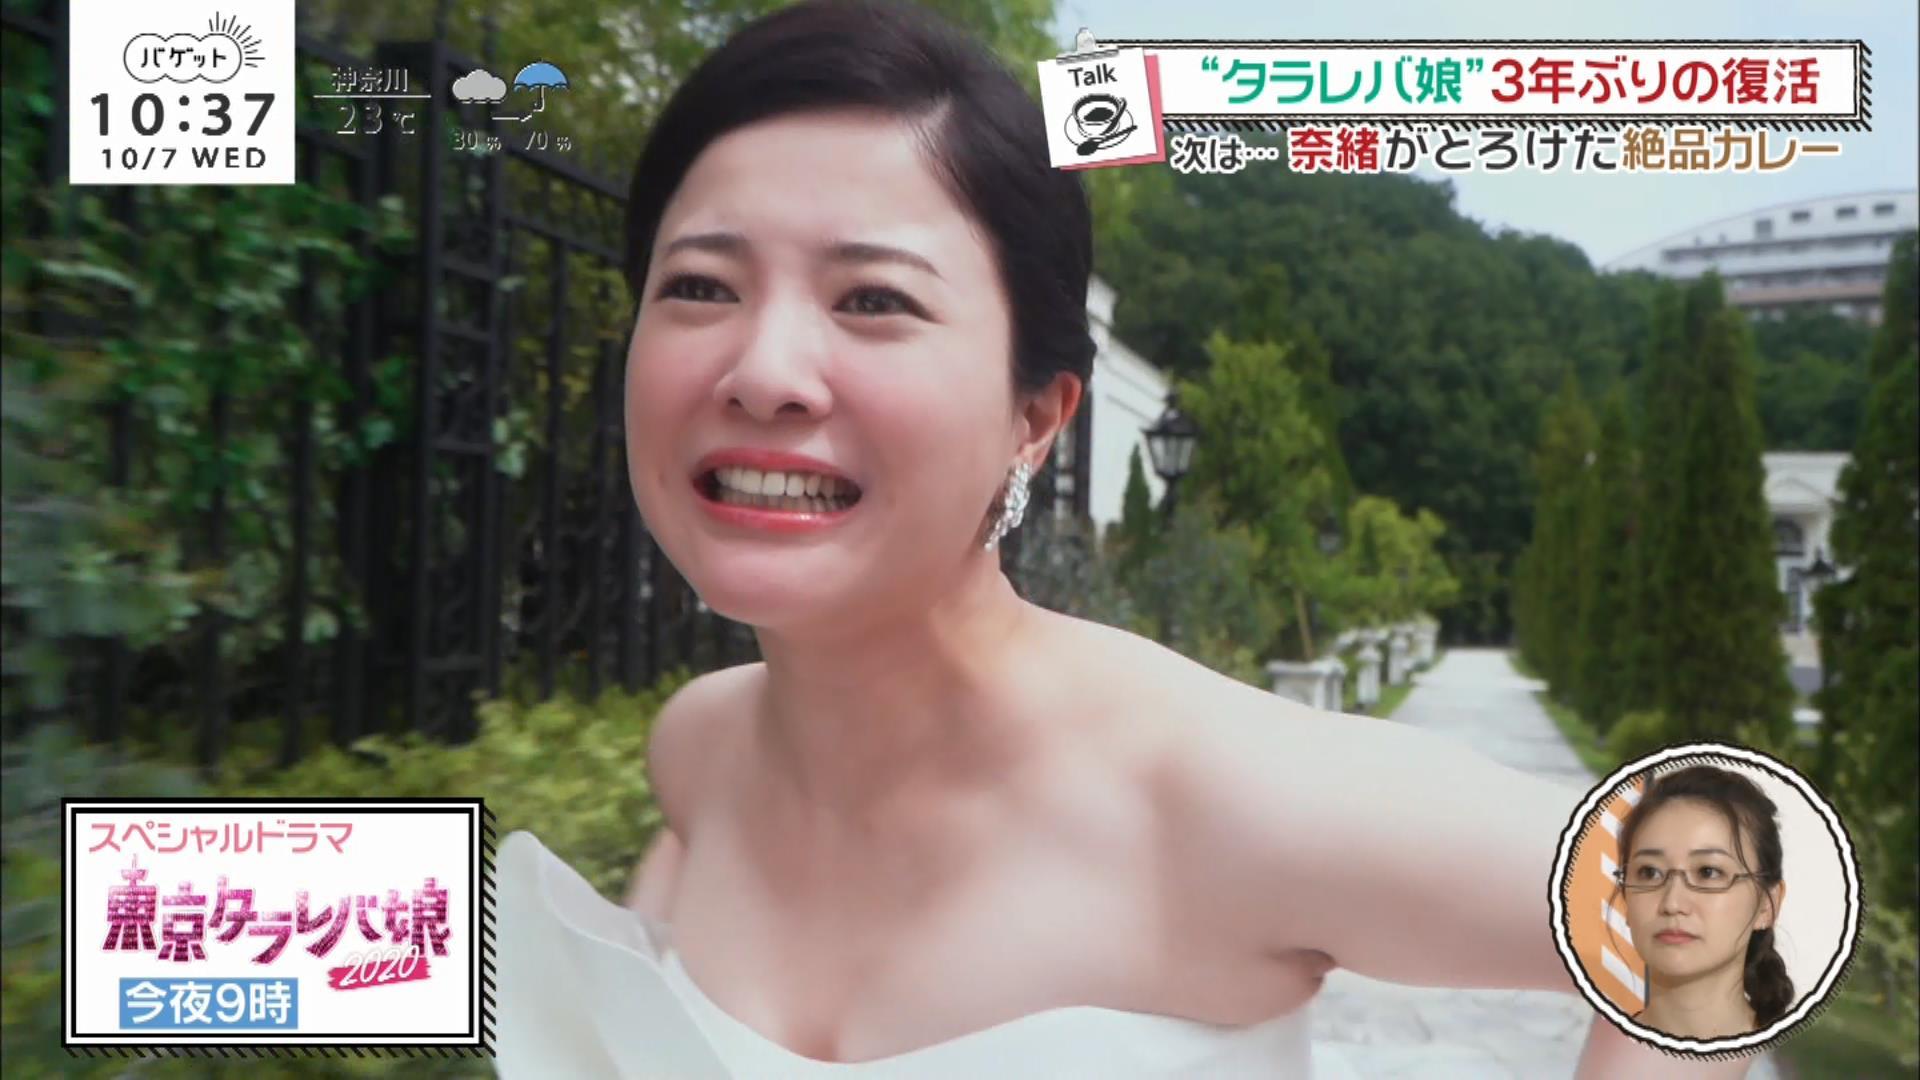 吉高由里子のパンチラ画像